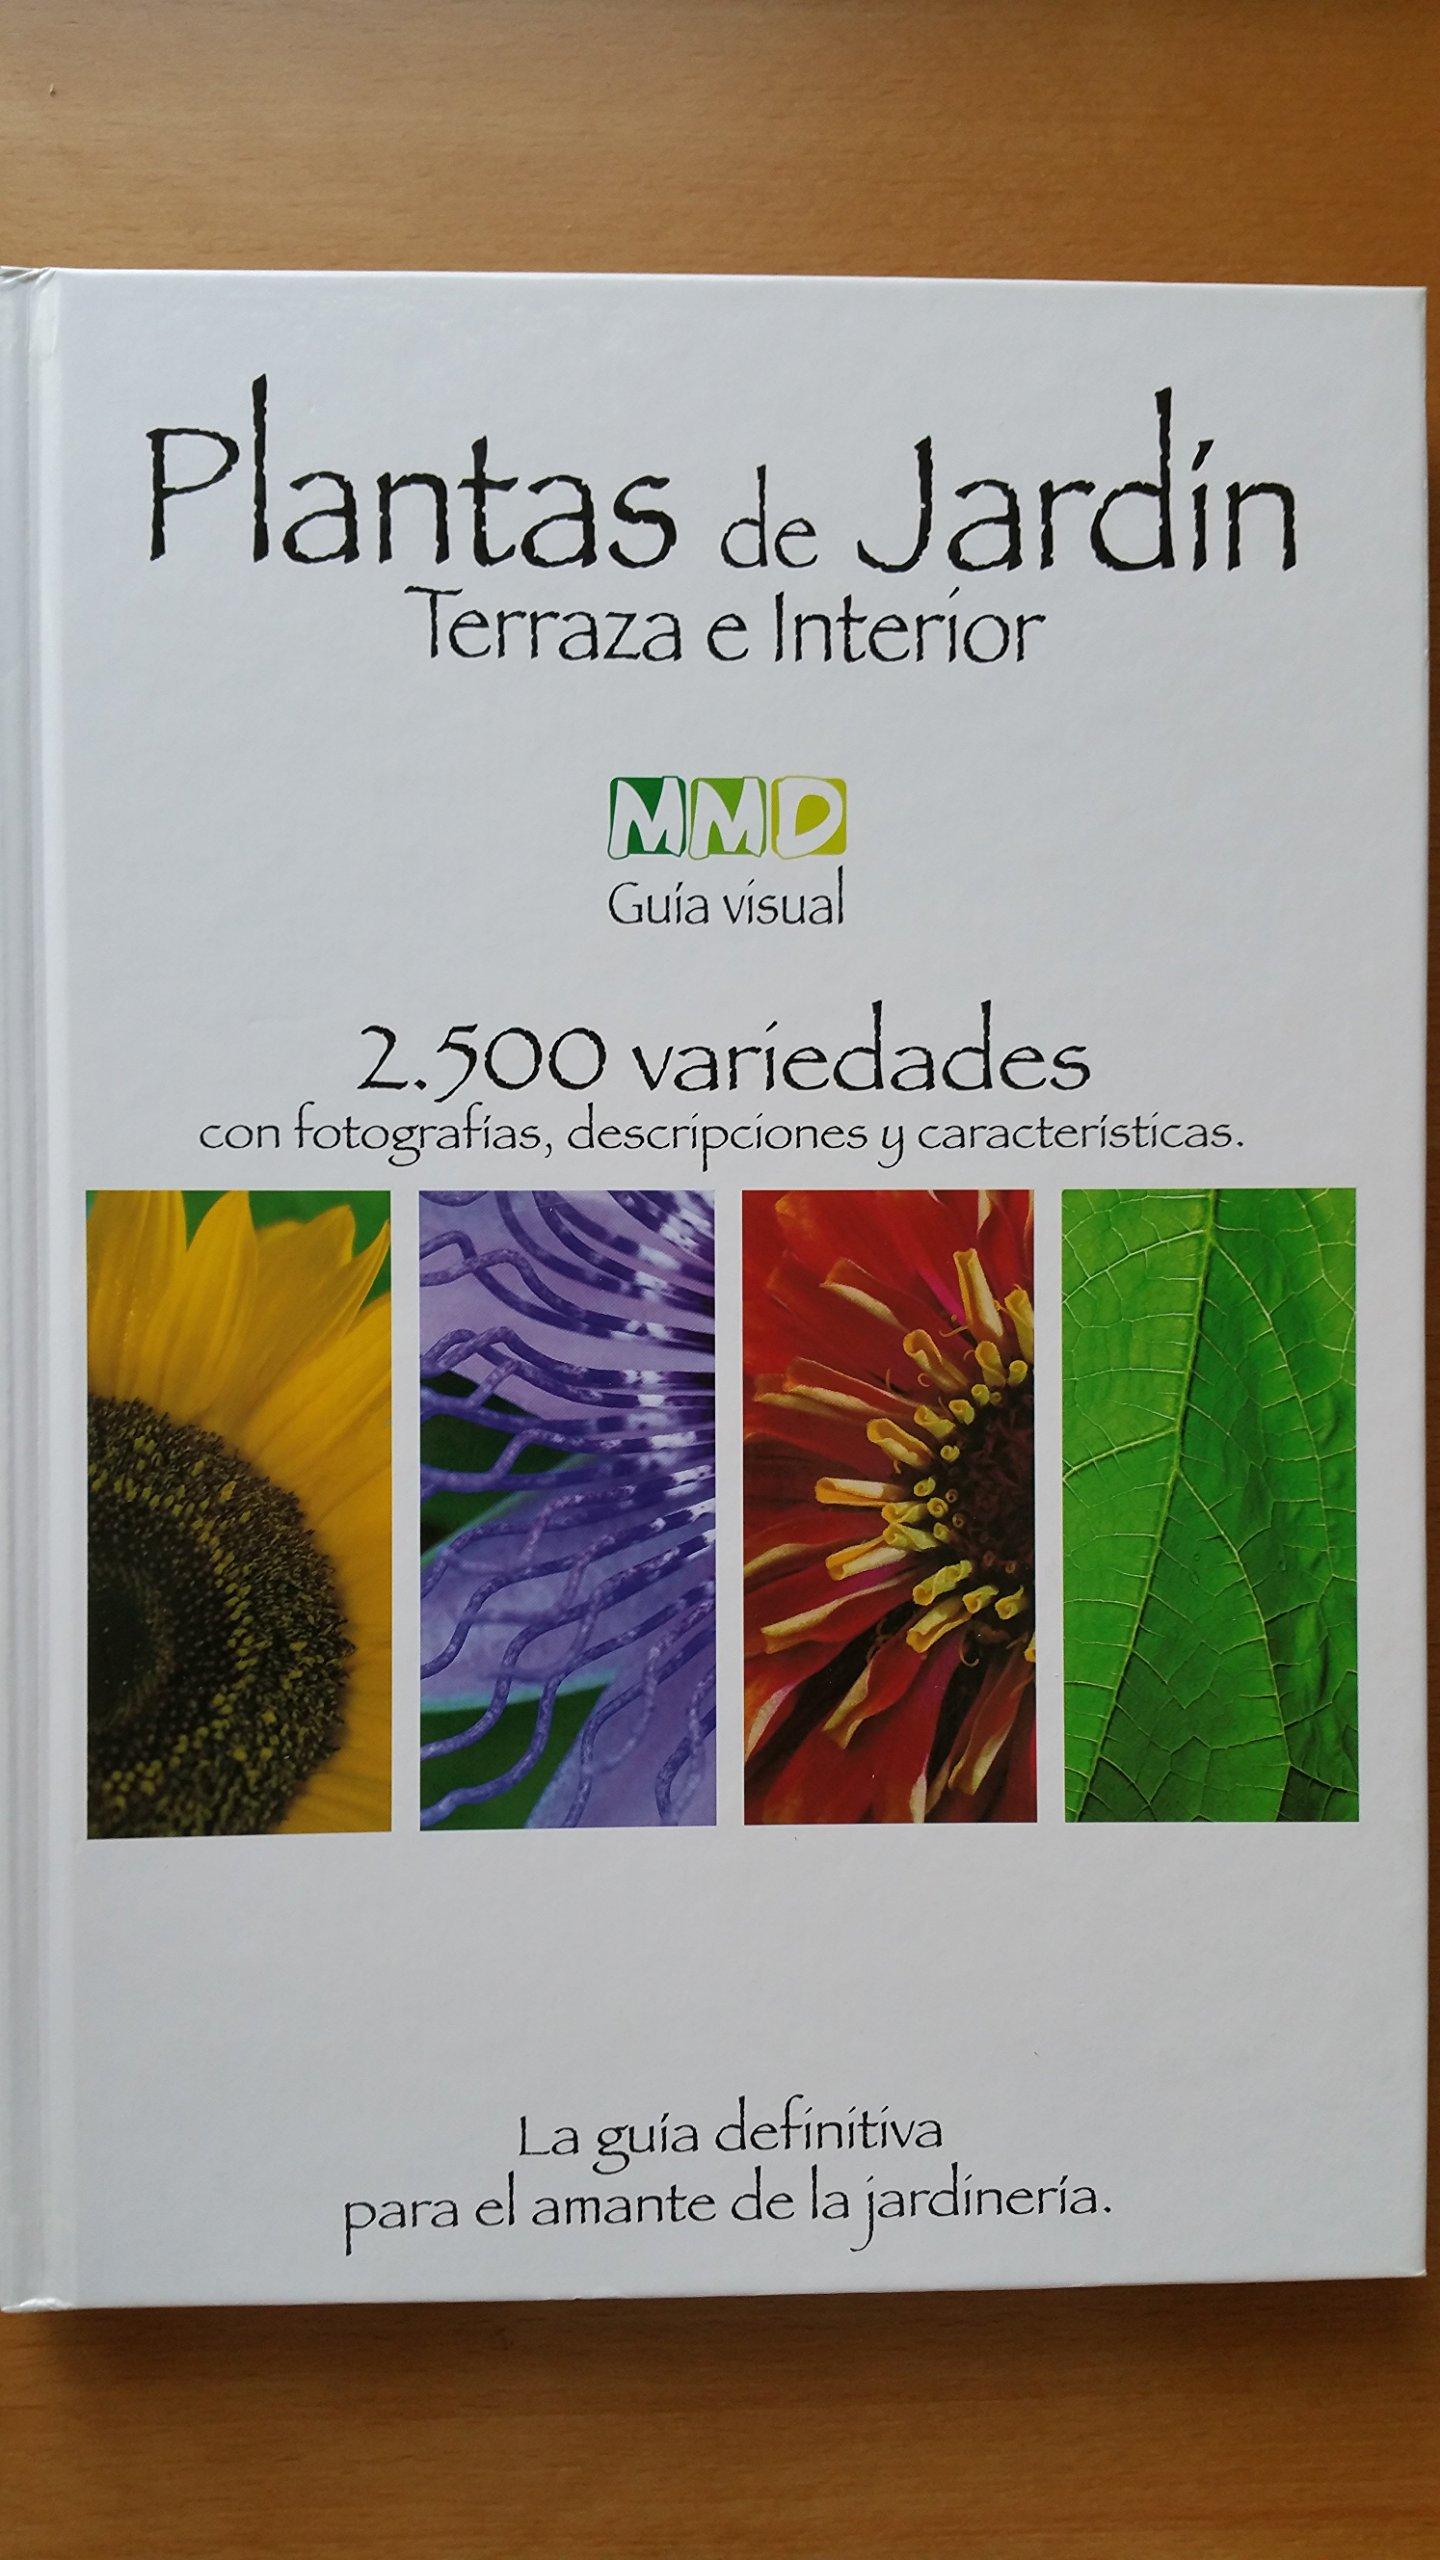 Guía Visual De Las Plantas De Jardín - MMD: Amazon.es: Aa Vv: Libros